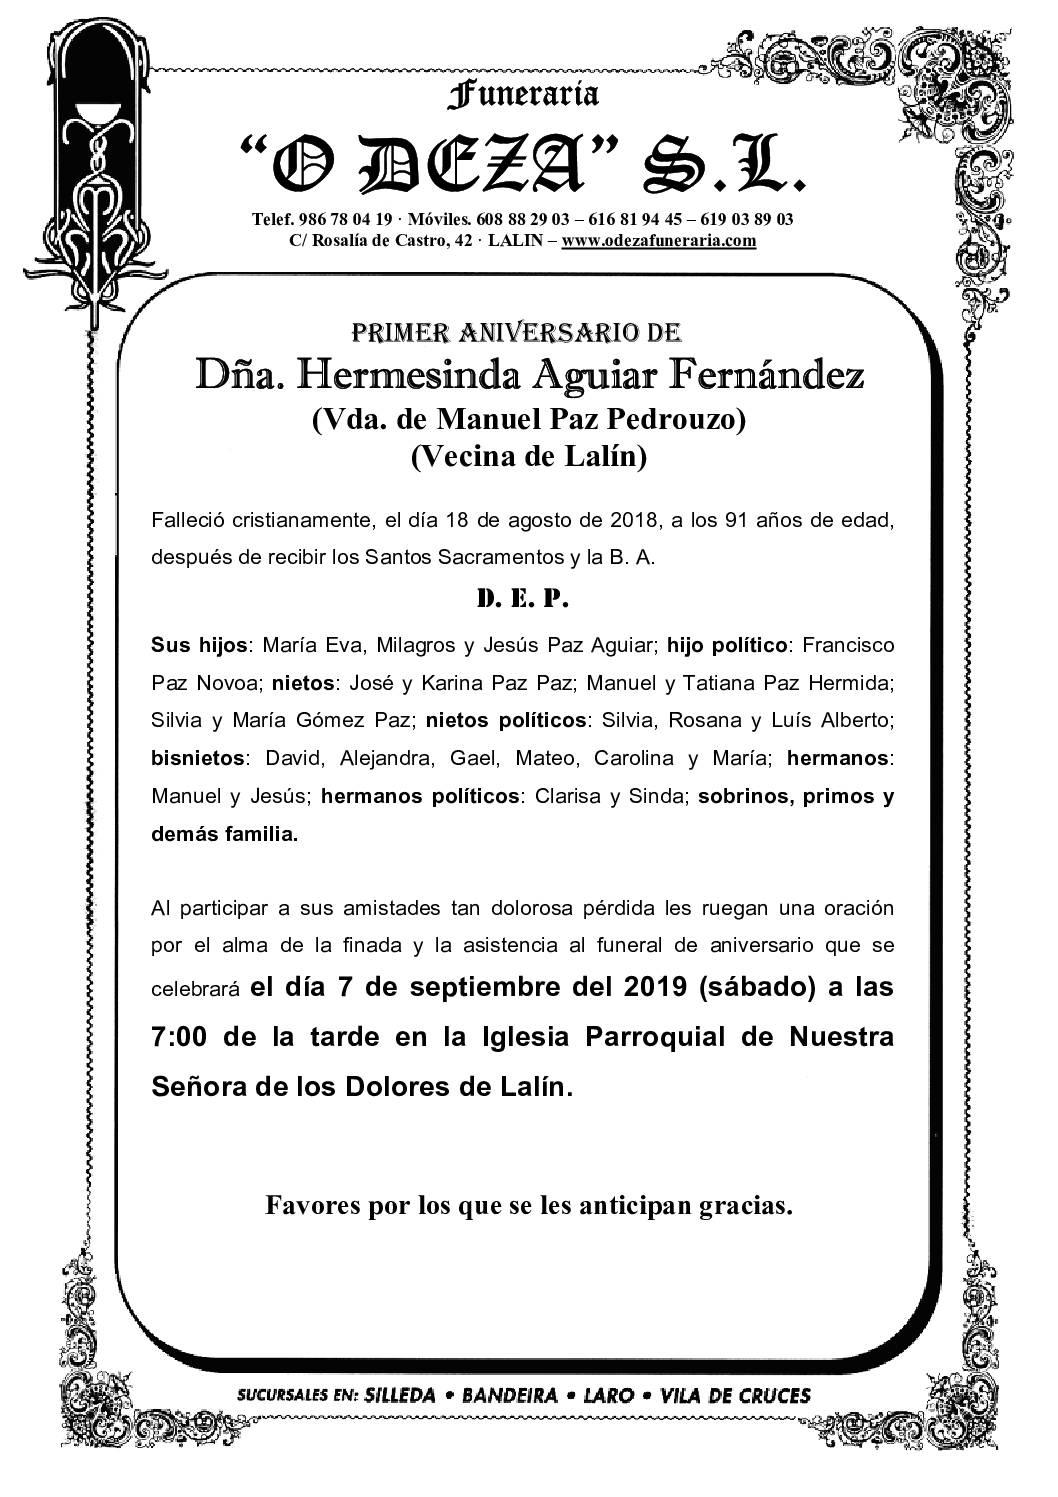 DÑA. HERMESINDA AGUIAR FERNÁNDEZ